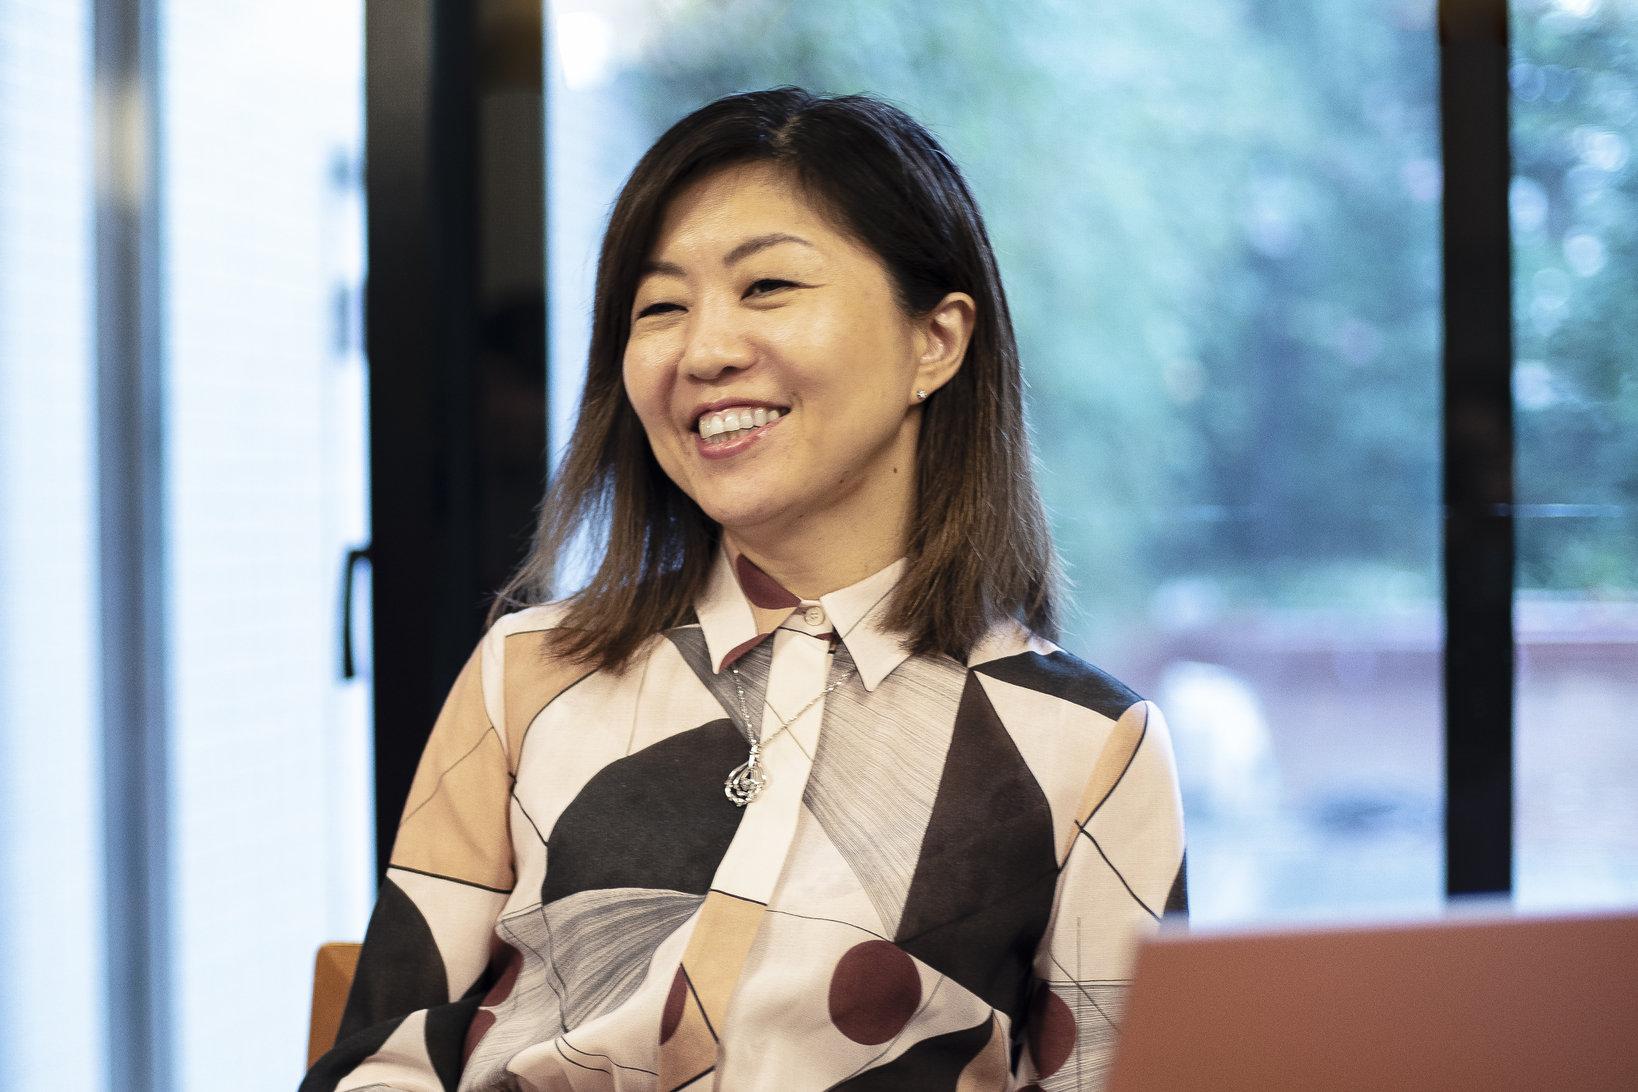 田口美和さん。ソーシャルワーカー、大学などで講師として勤務した後、2013年頃よりタグチ・アートコレクションの運営に従事。近年は精力的に国内外のアートフェア、展覧会、ギャラリーを訪問し、父が始めたコレクションの充実と公開に努めている。